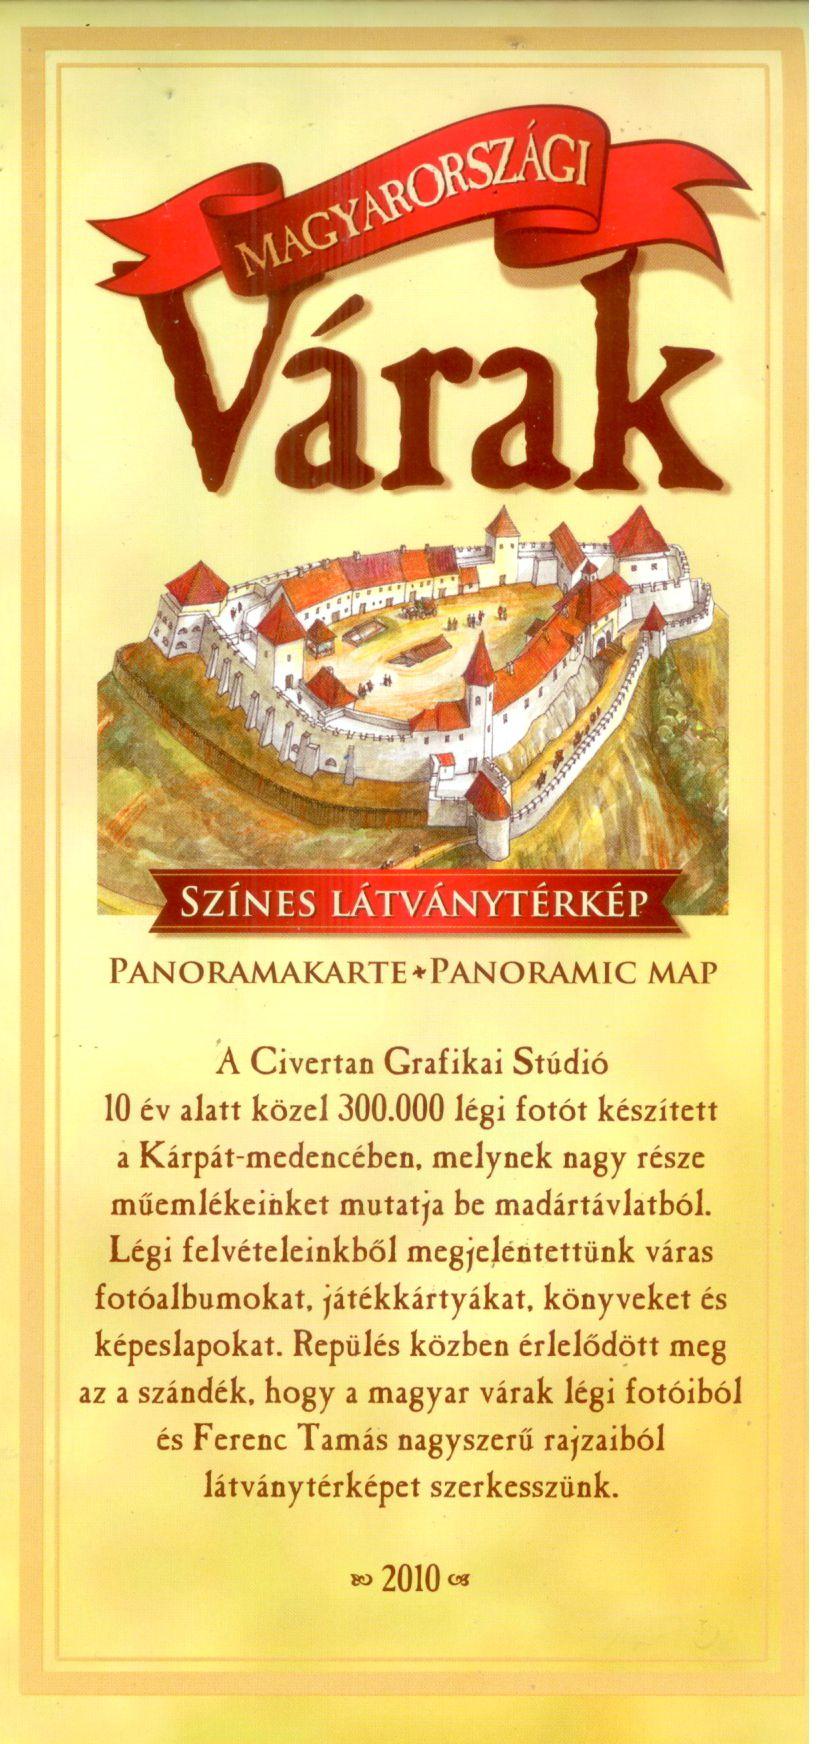 Magyarországi várak (színes látványtérkép) a jelenlegi állapot légifényképen és a rekonstruált vár festett panorámaképen